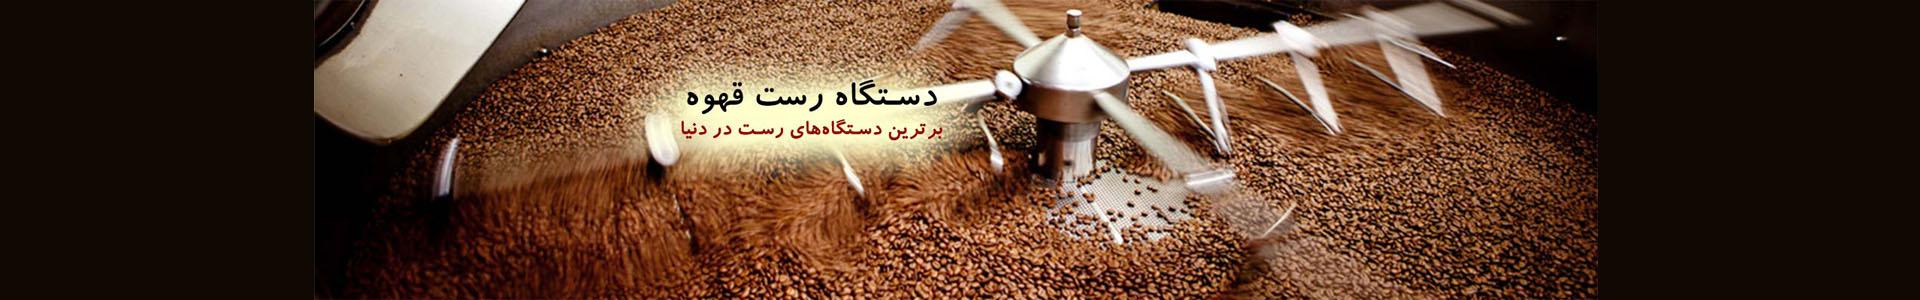 بنر  - گروه تجاری قهوه هونام